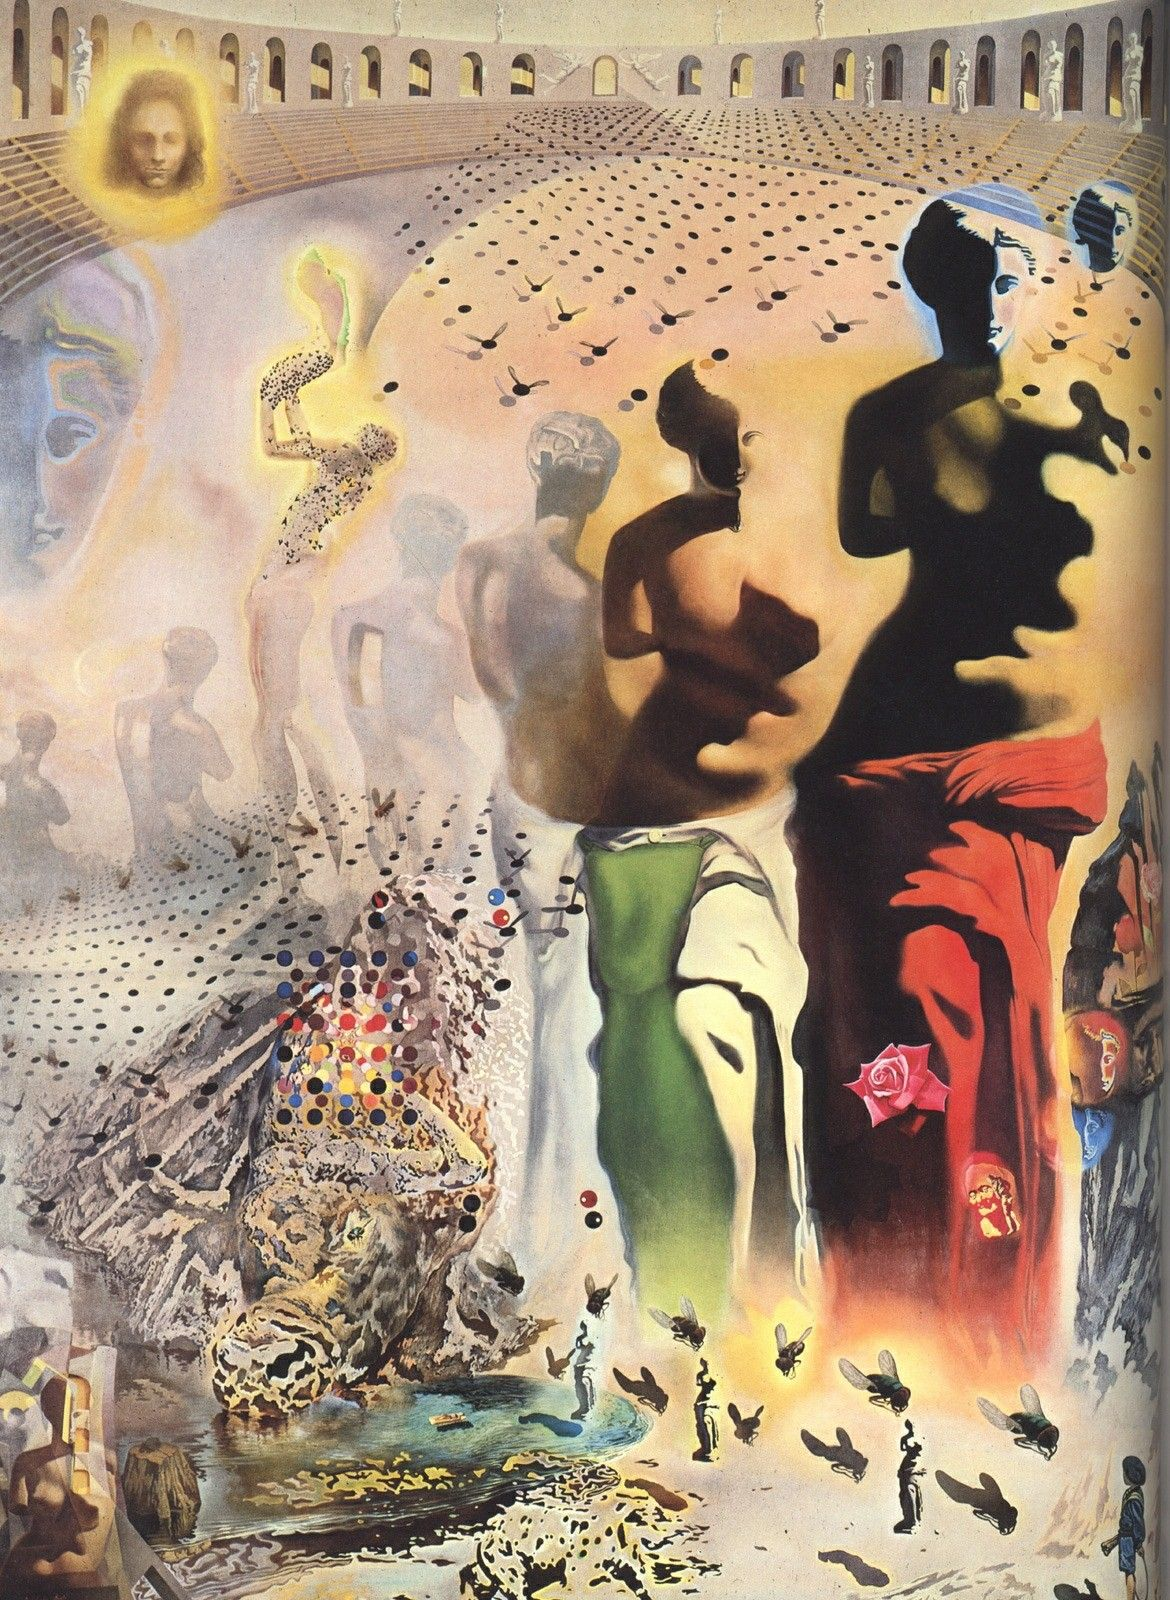 The Hallucinogenic Toreador by Salvador Dalí